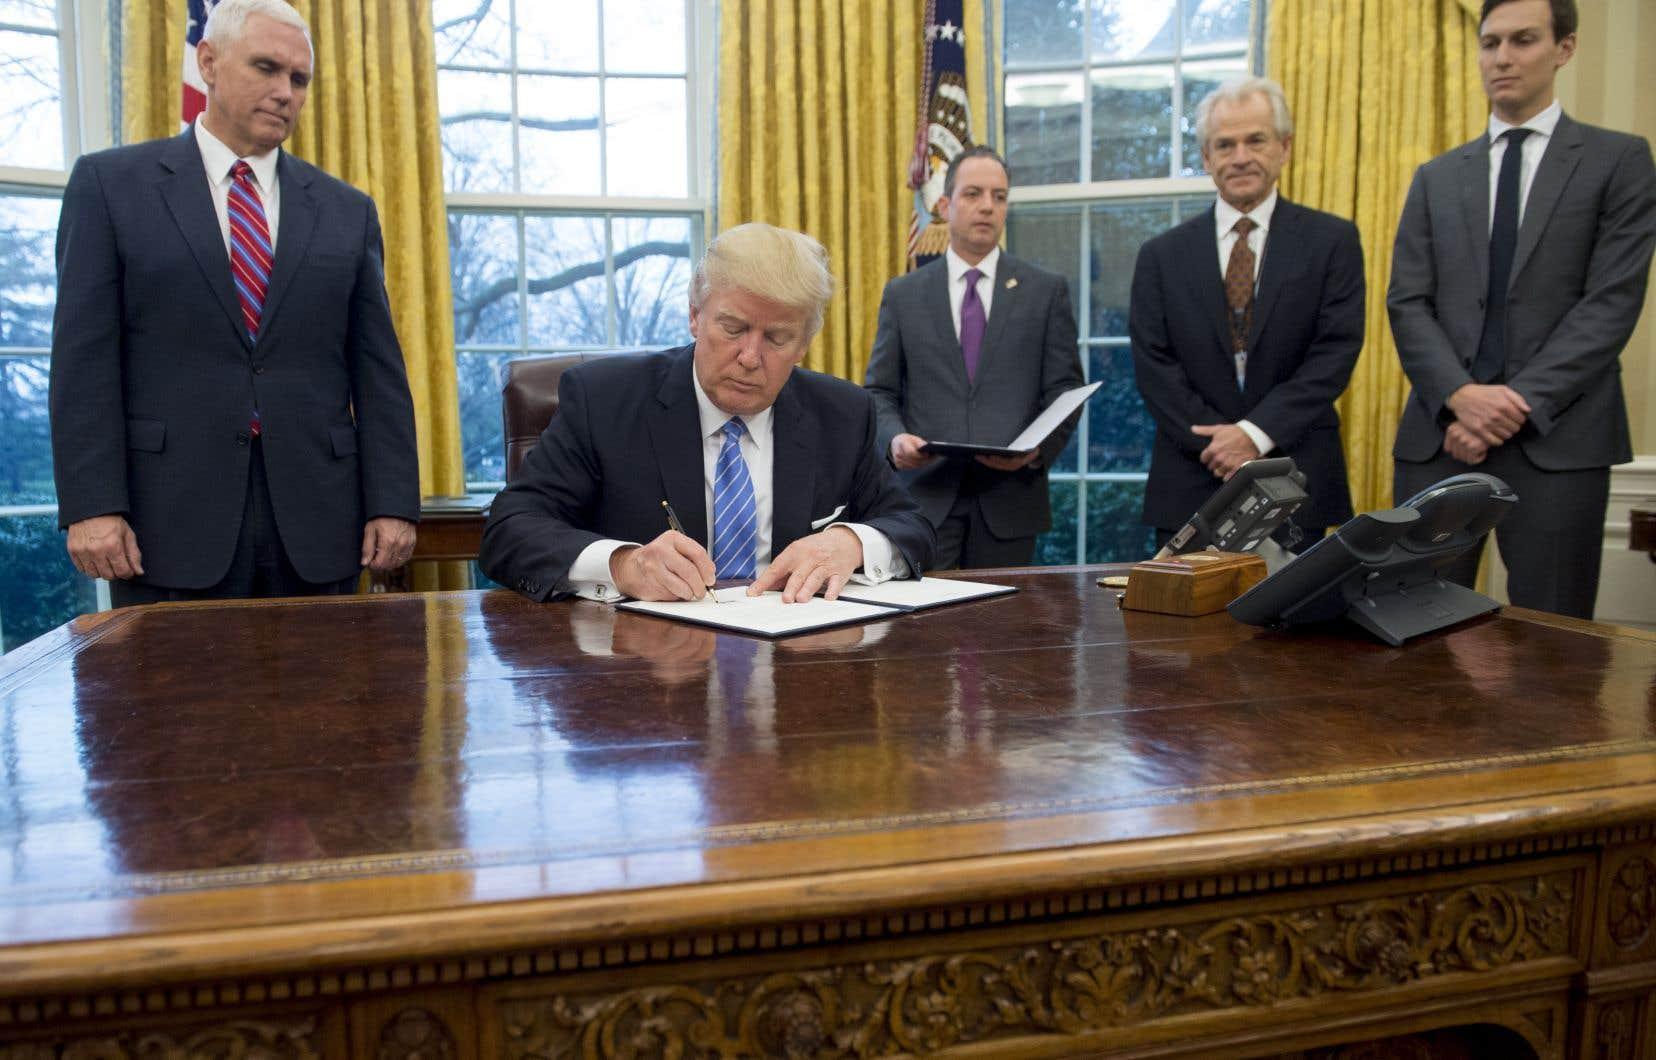 Donald Trump a été le président américain qui a signé le plus de décrets dans les 100 premiers jours de son mandat, principalement pour effacer l'héritage de Barack Obama.